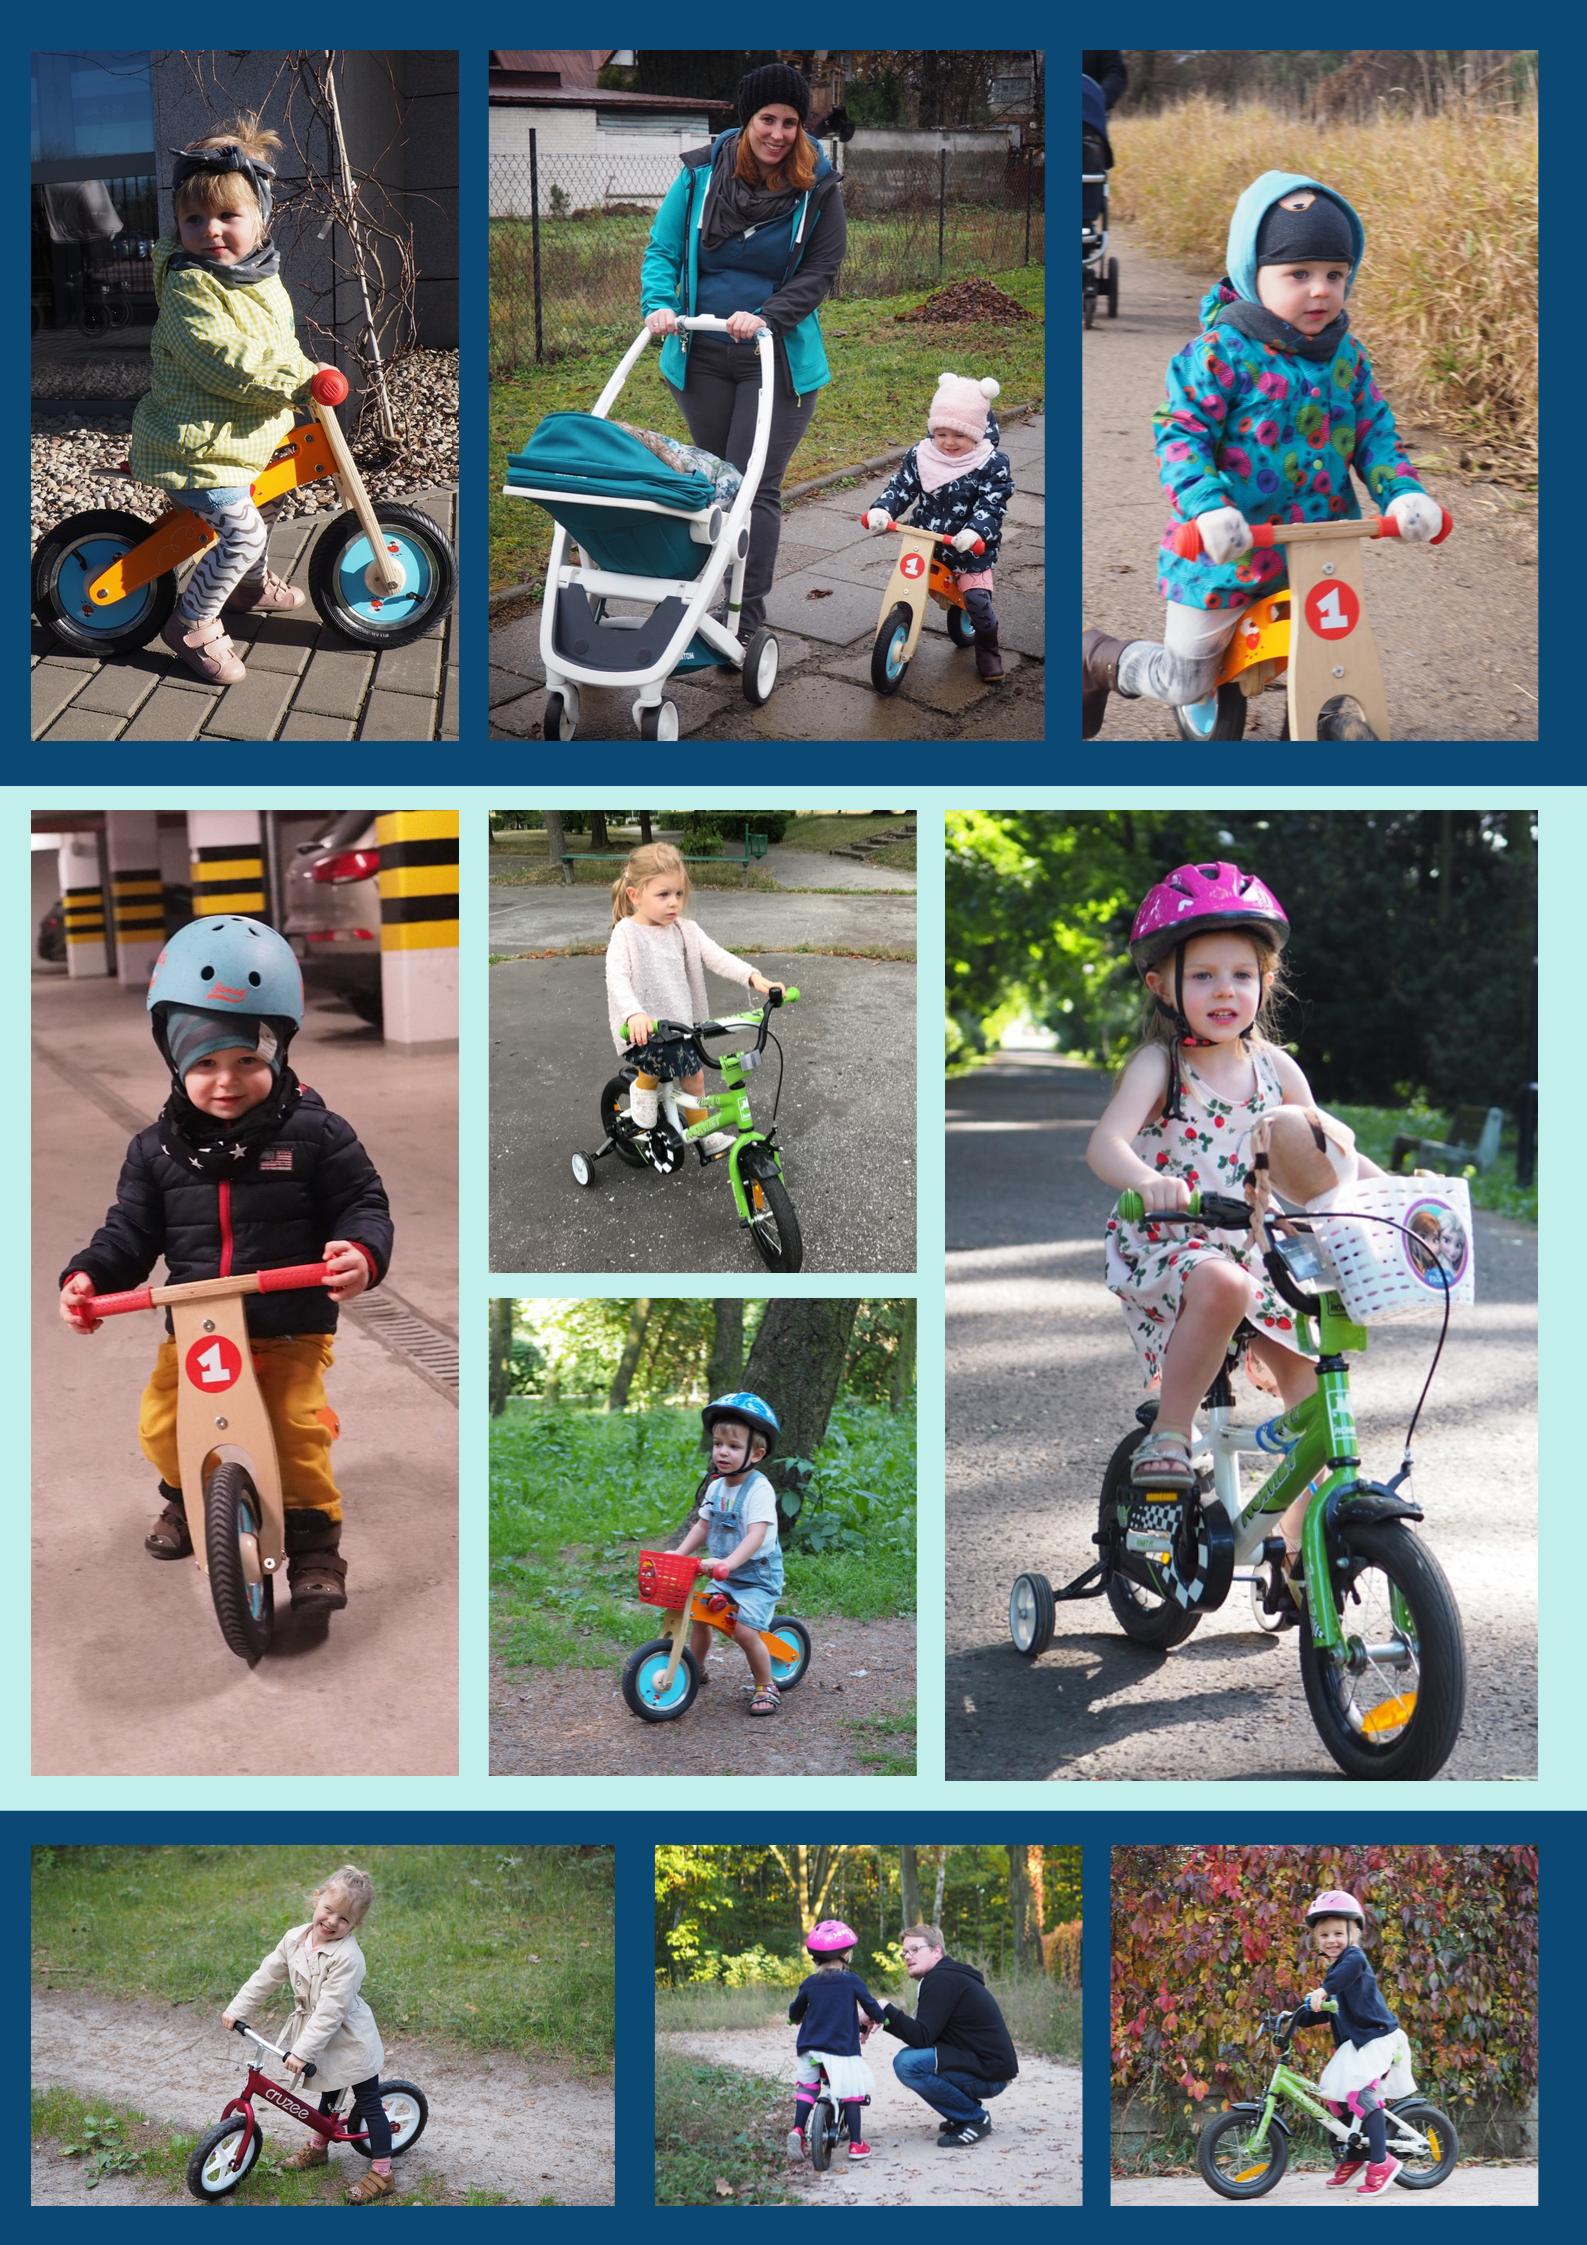 woom 3 recenzja kod rabatowy jak nauczyć dziecko jazdy na rowerze